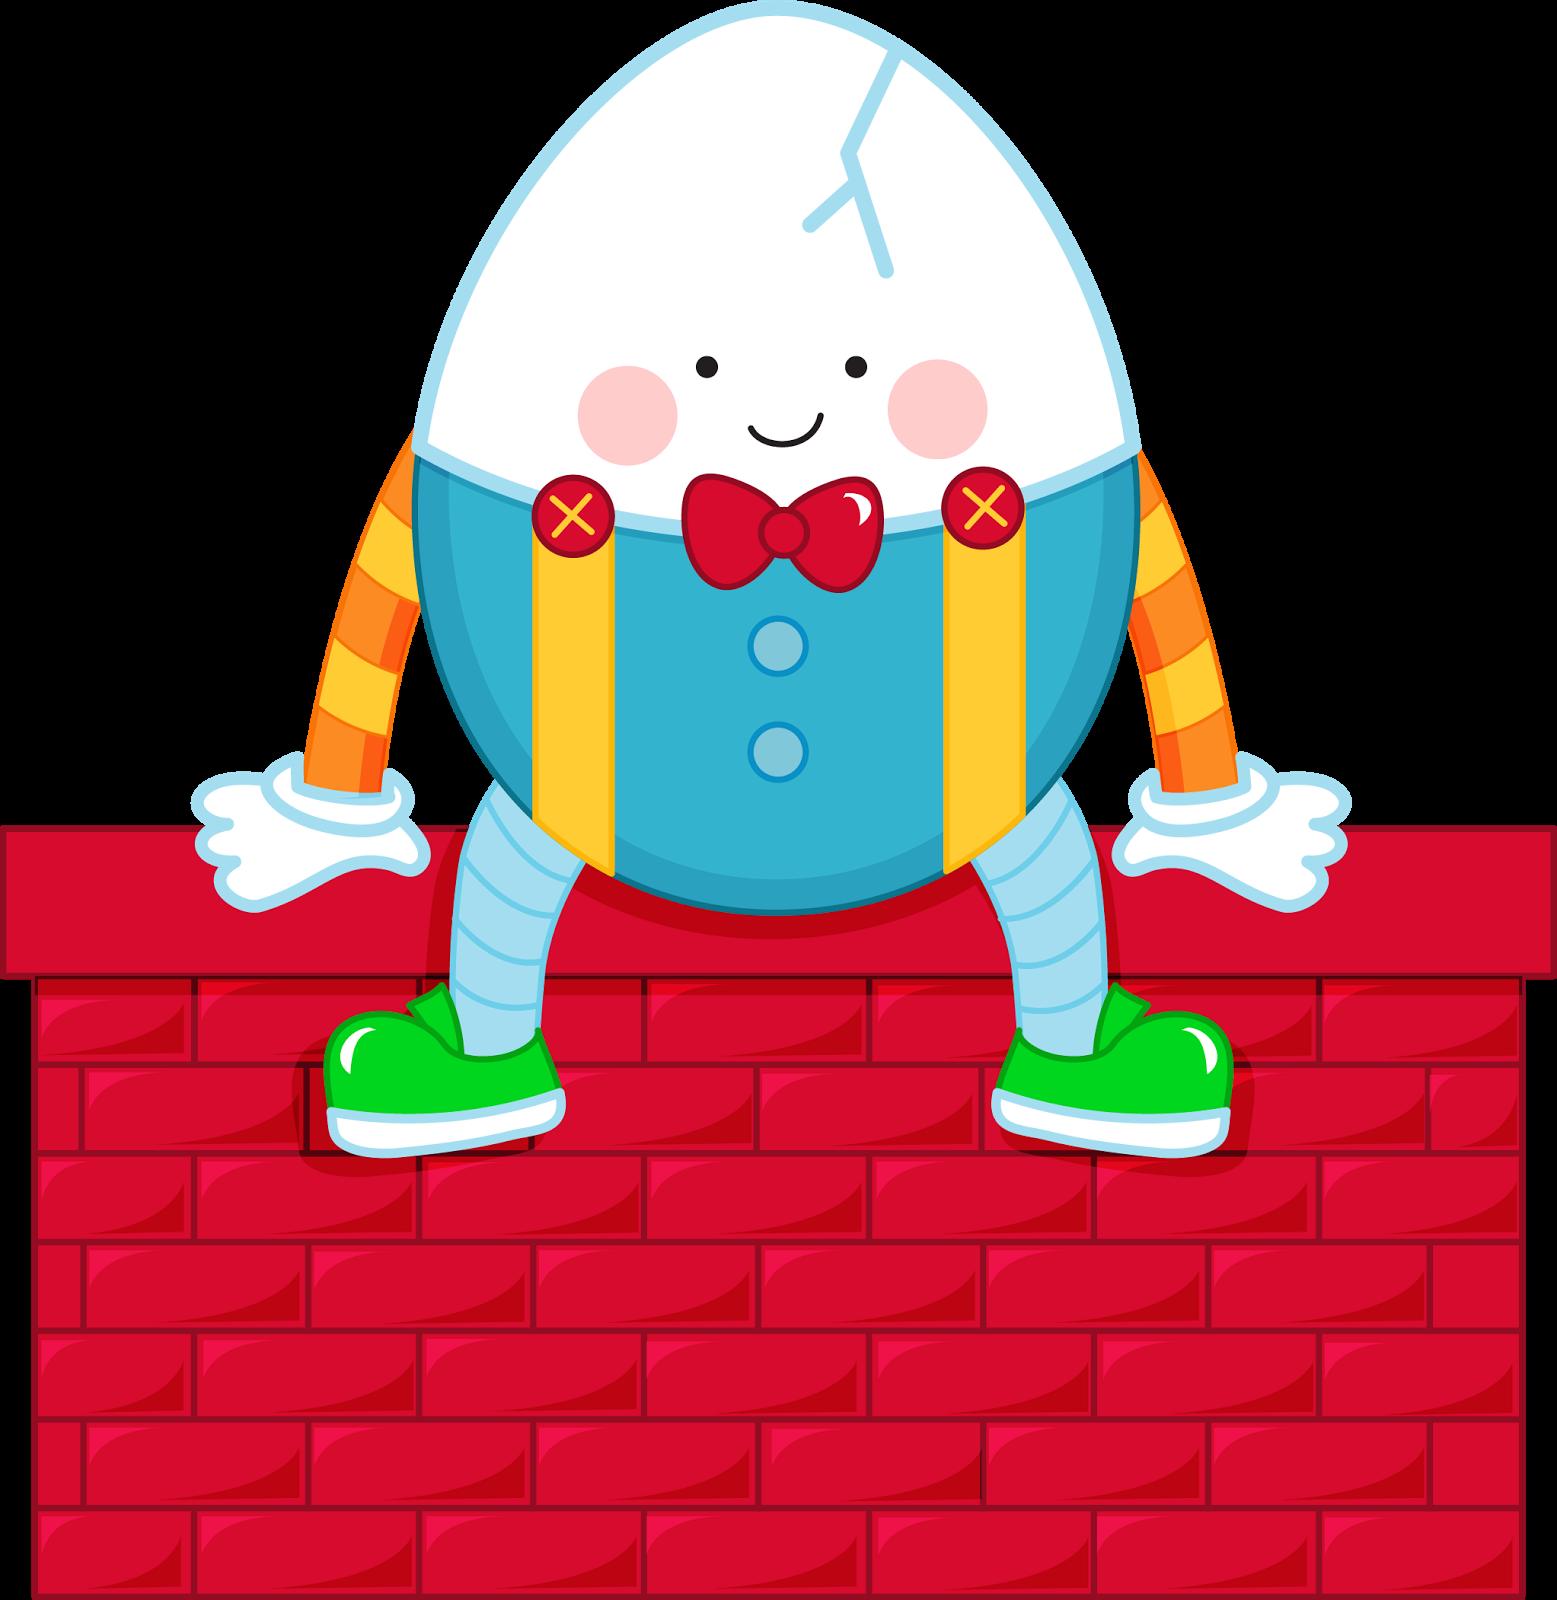 clipart transparent download Humpty Dumpty